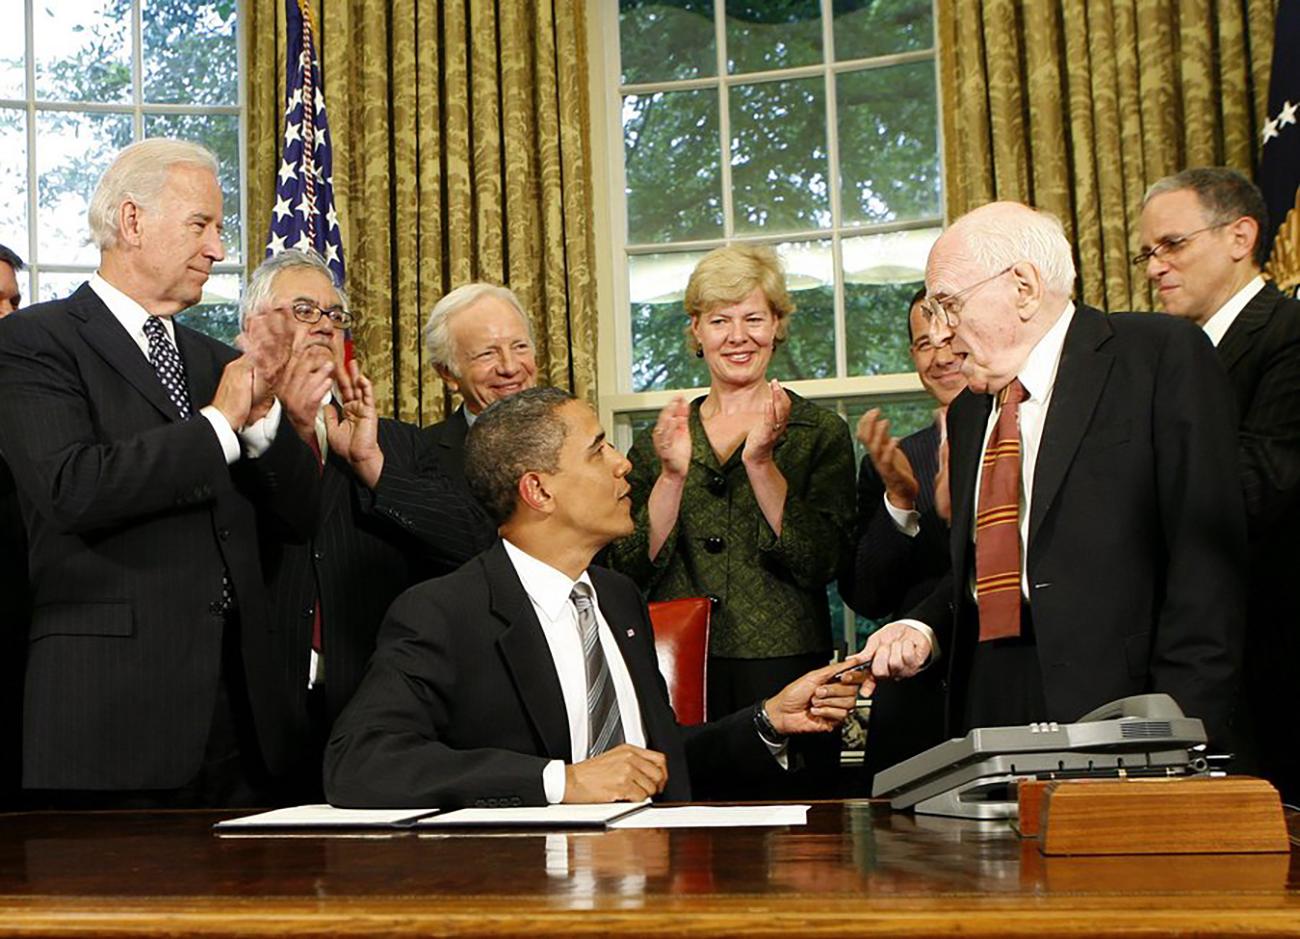 Frank Kameny: Η Google τιμά τον άνθρωπο που συνέδεσε το όνομά του με τα δικαιώματα των ΛΟΑΤΚΙ